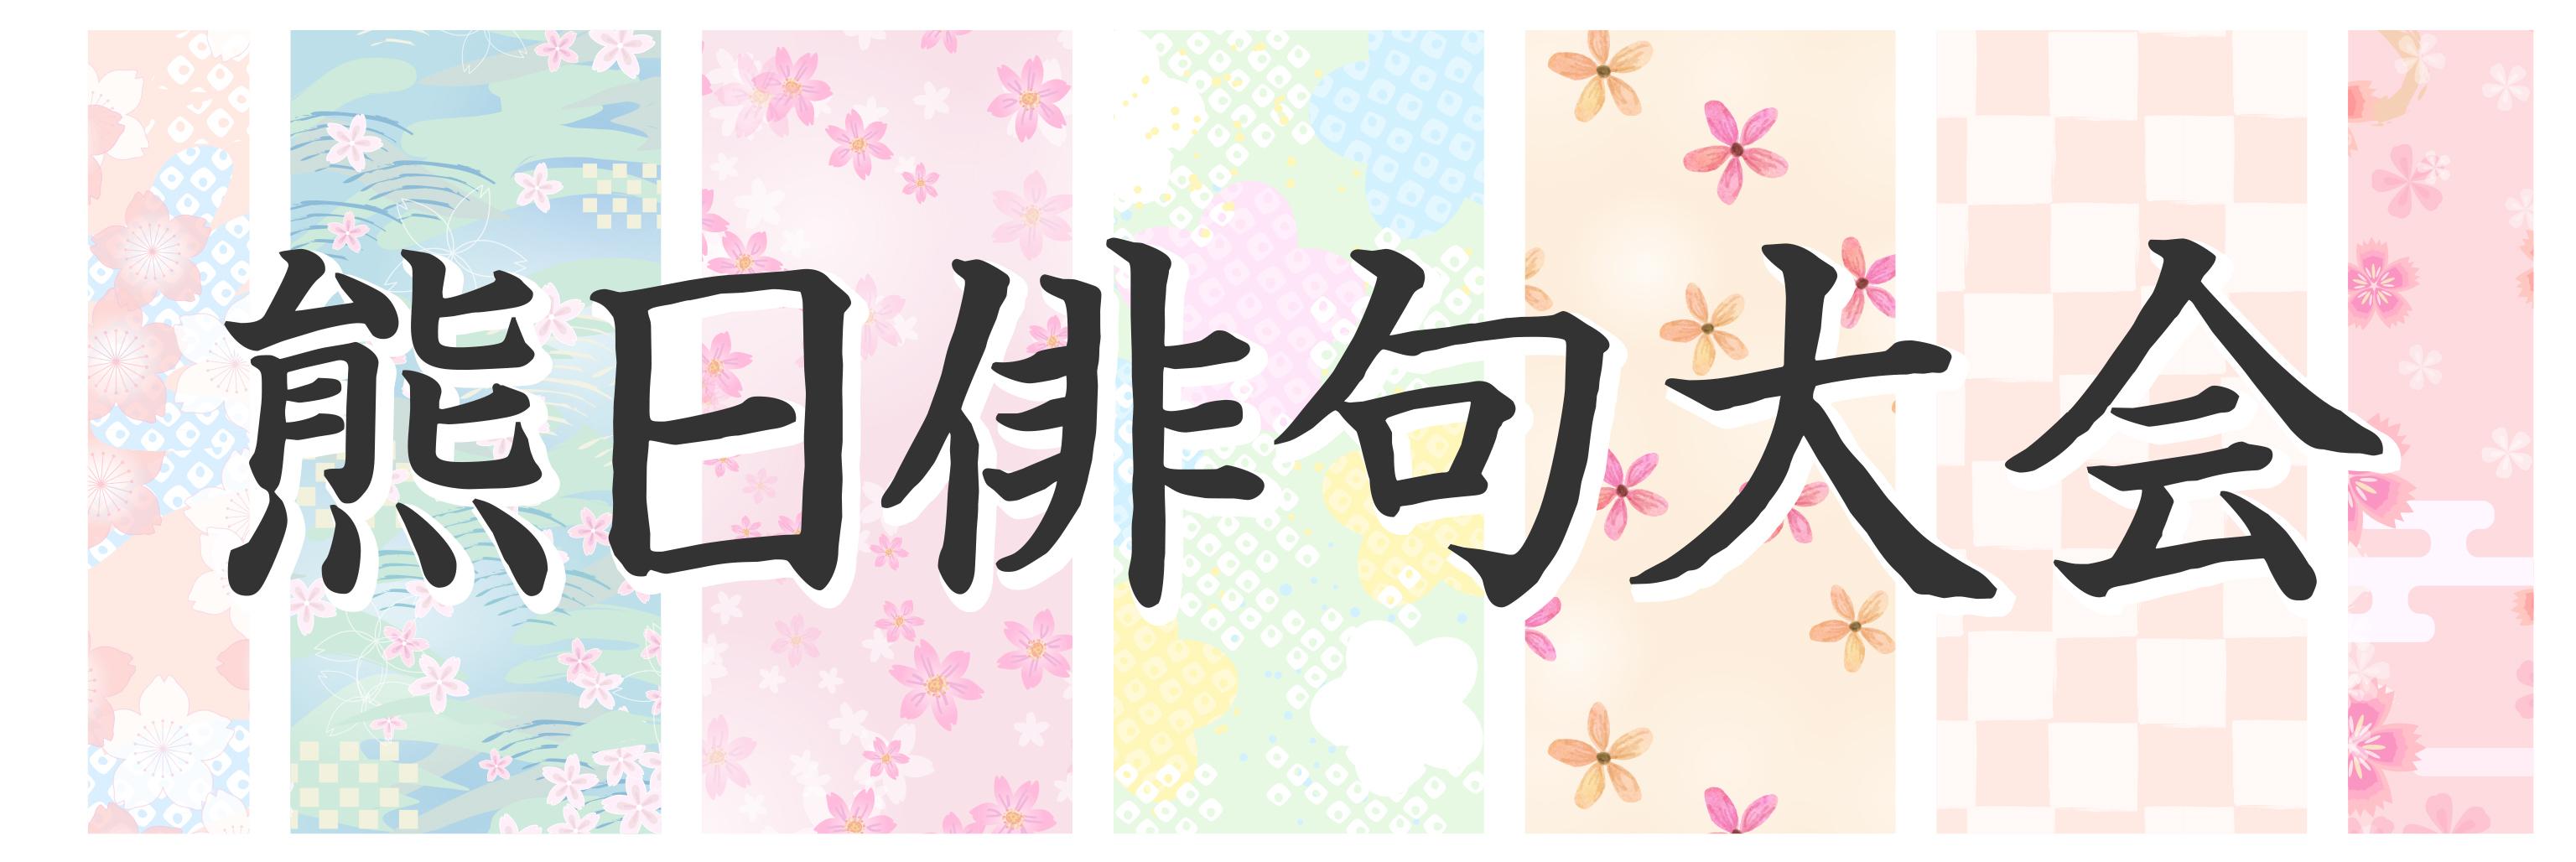 熊日俳句大会